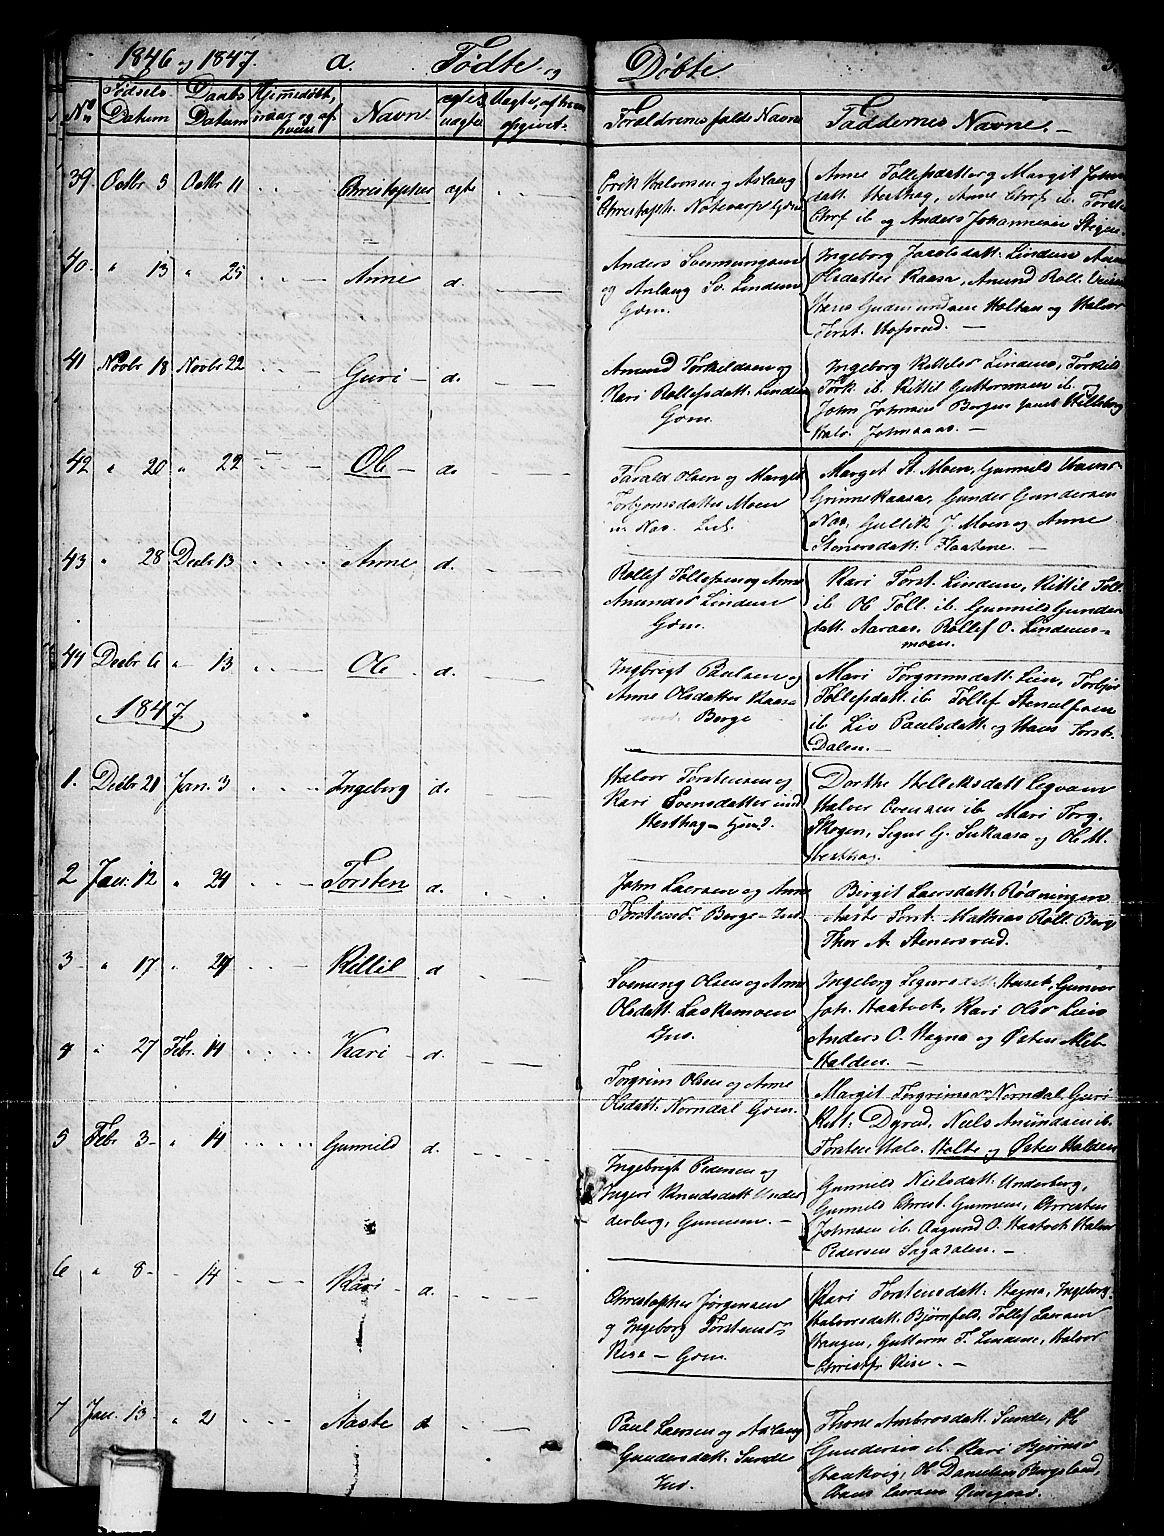 SAKO, Sauherad kirkebøker, G/Gb/L0001: Klokkerbok nr. II 1, 1845-1865, s. 5